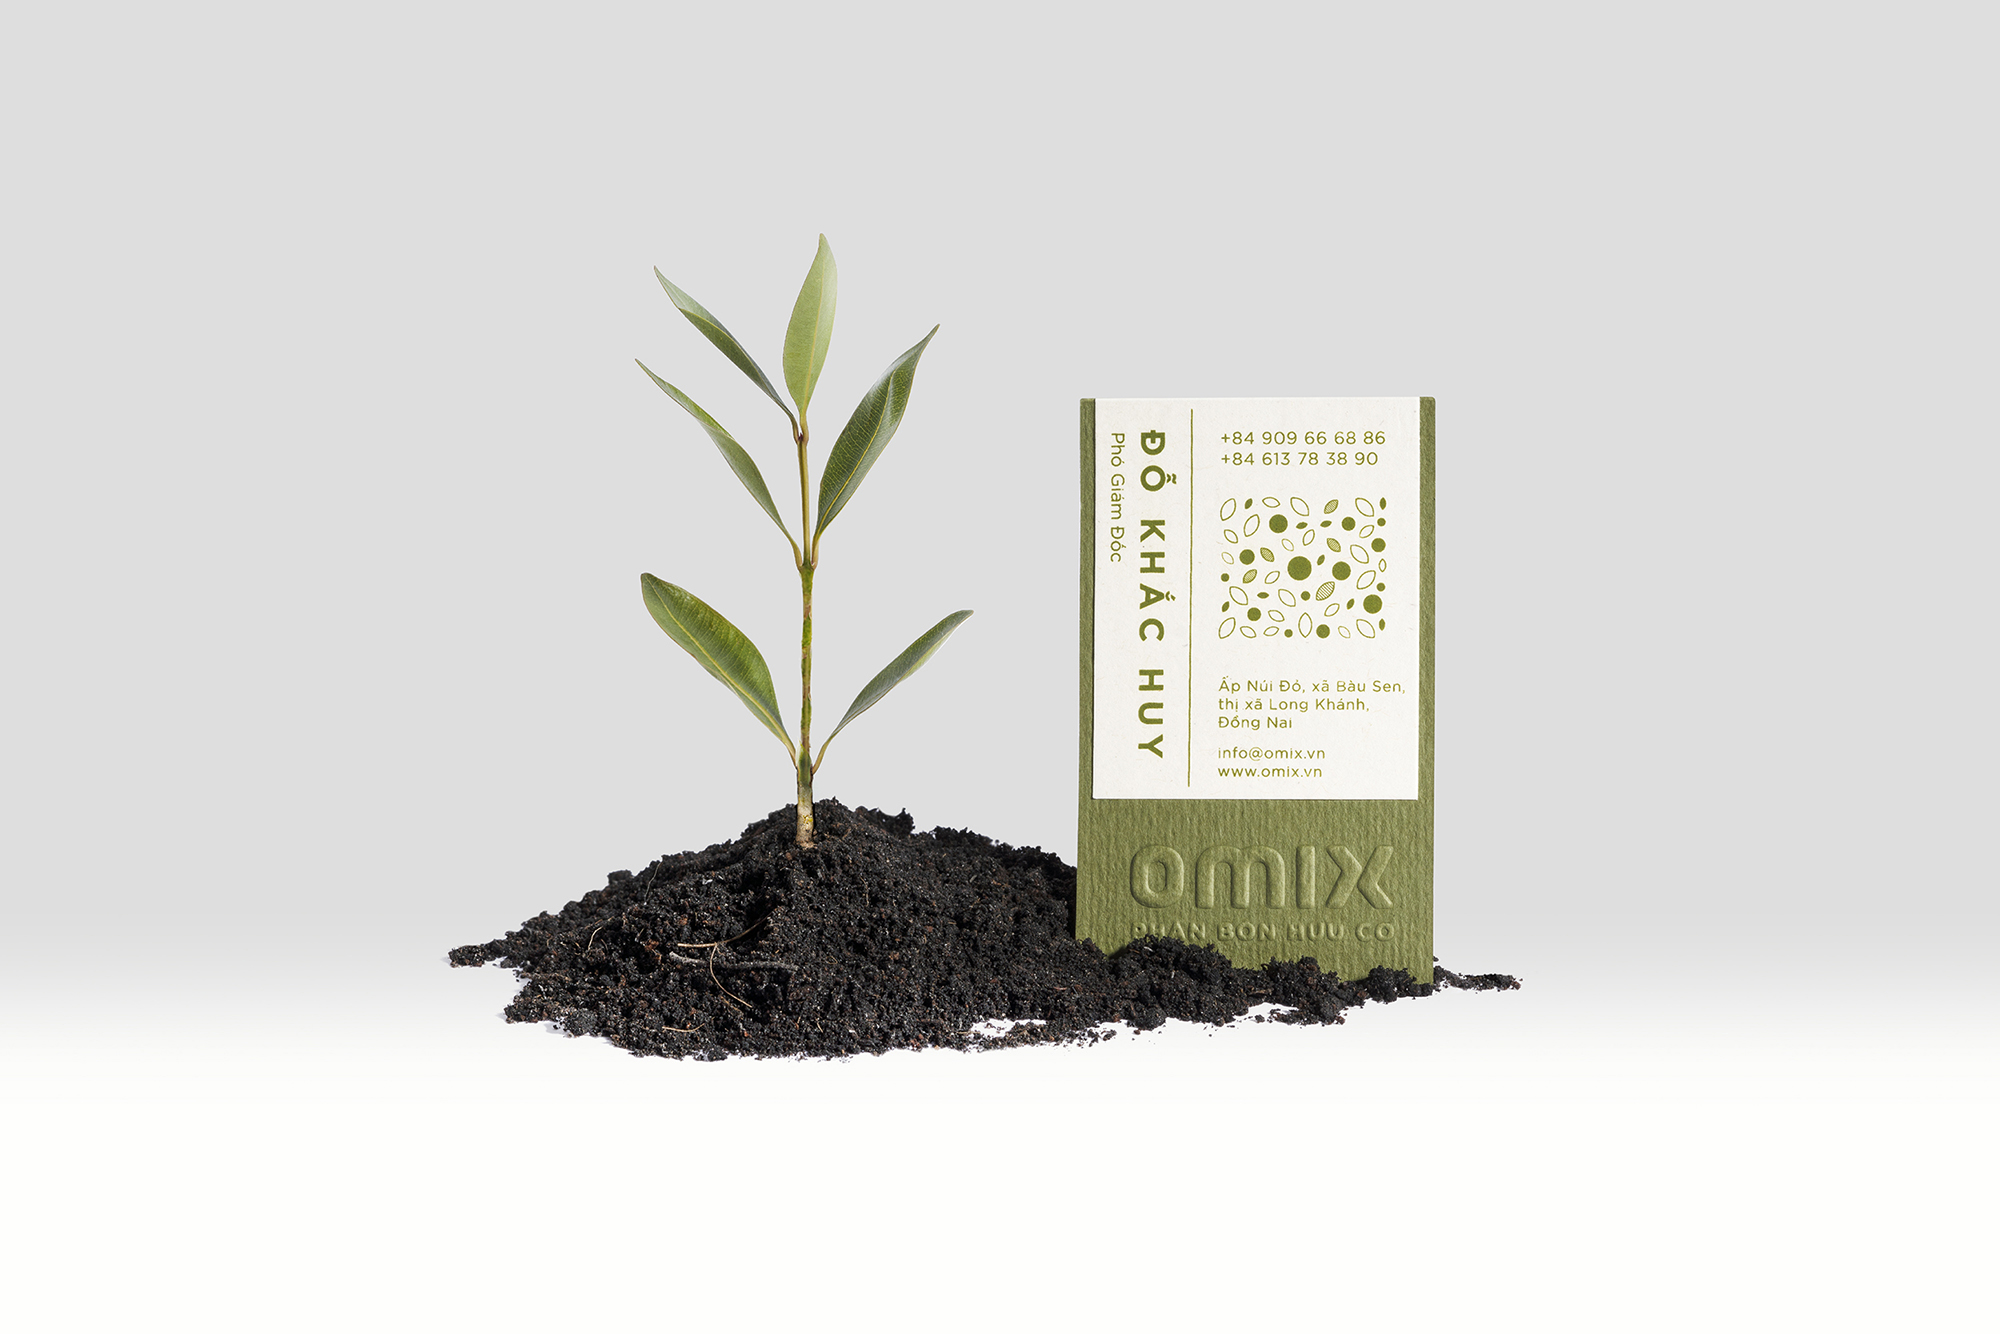 Branding and Packaging Design for Vietnamese Agriculture Fertiliser Brand